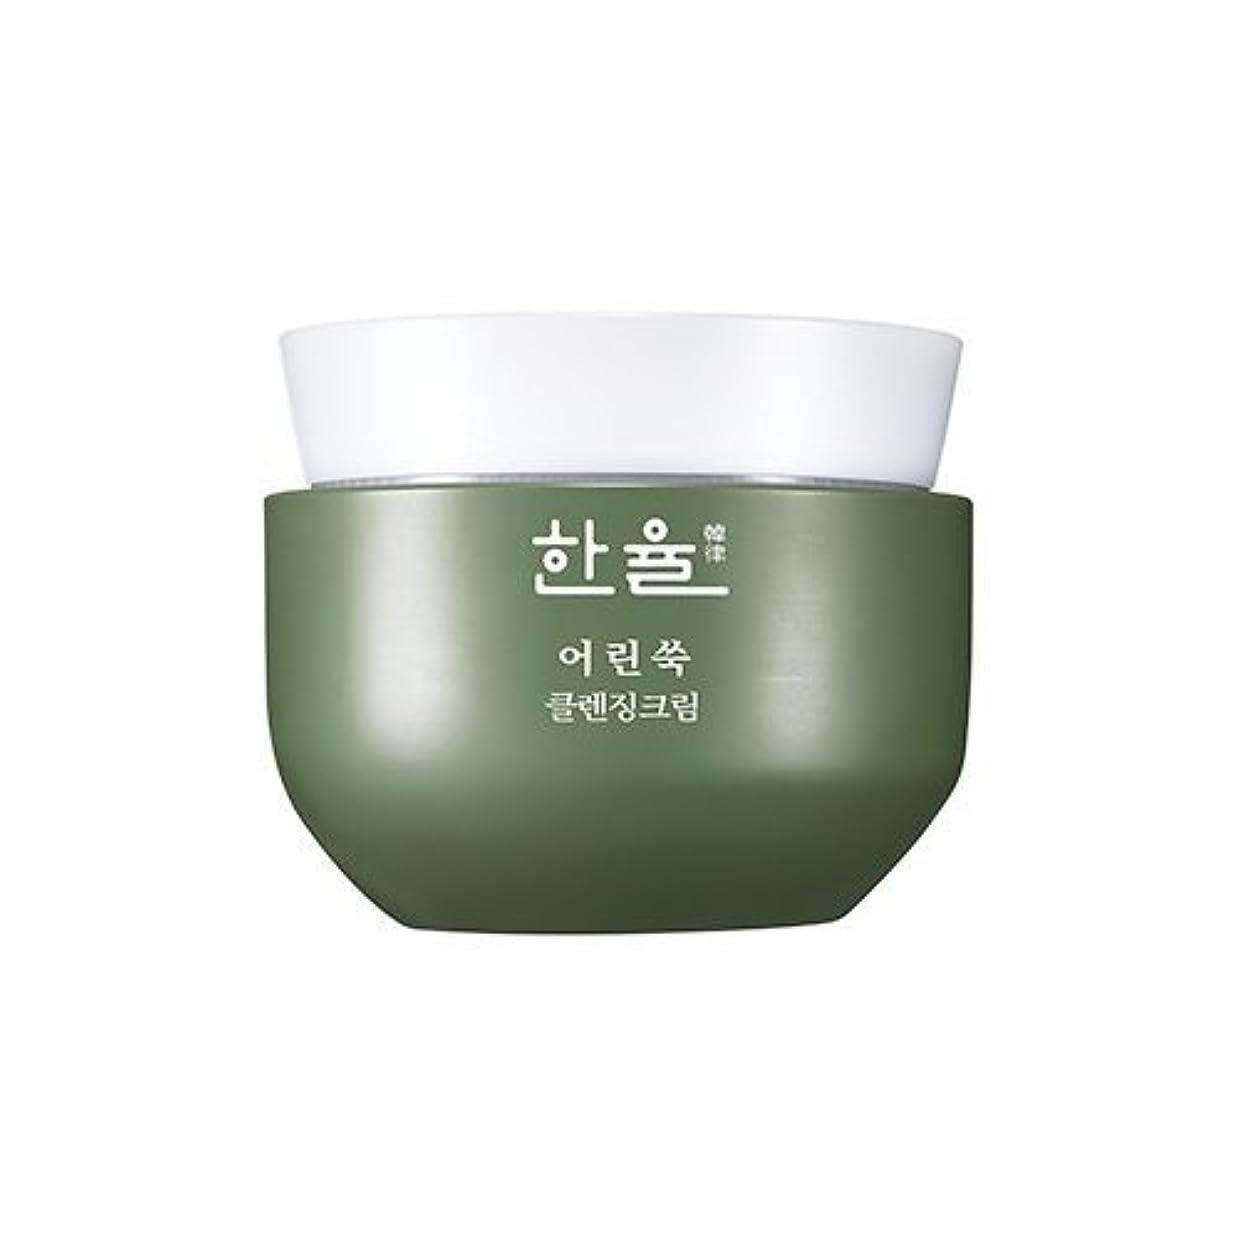 ファブリック記憶に残る署名Hanyul Pure Artemisia Cleansing Cream